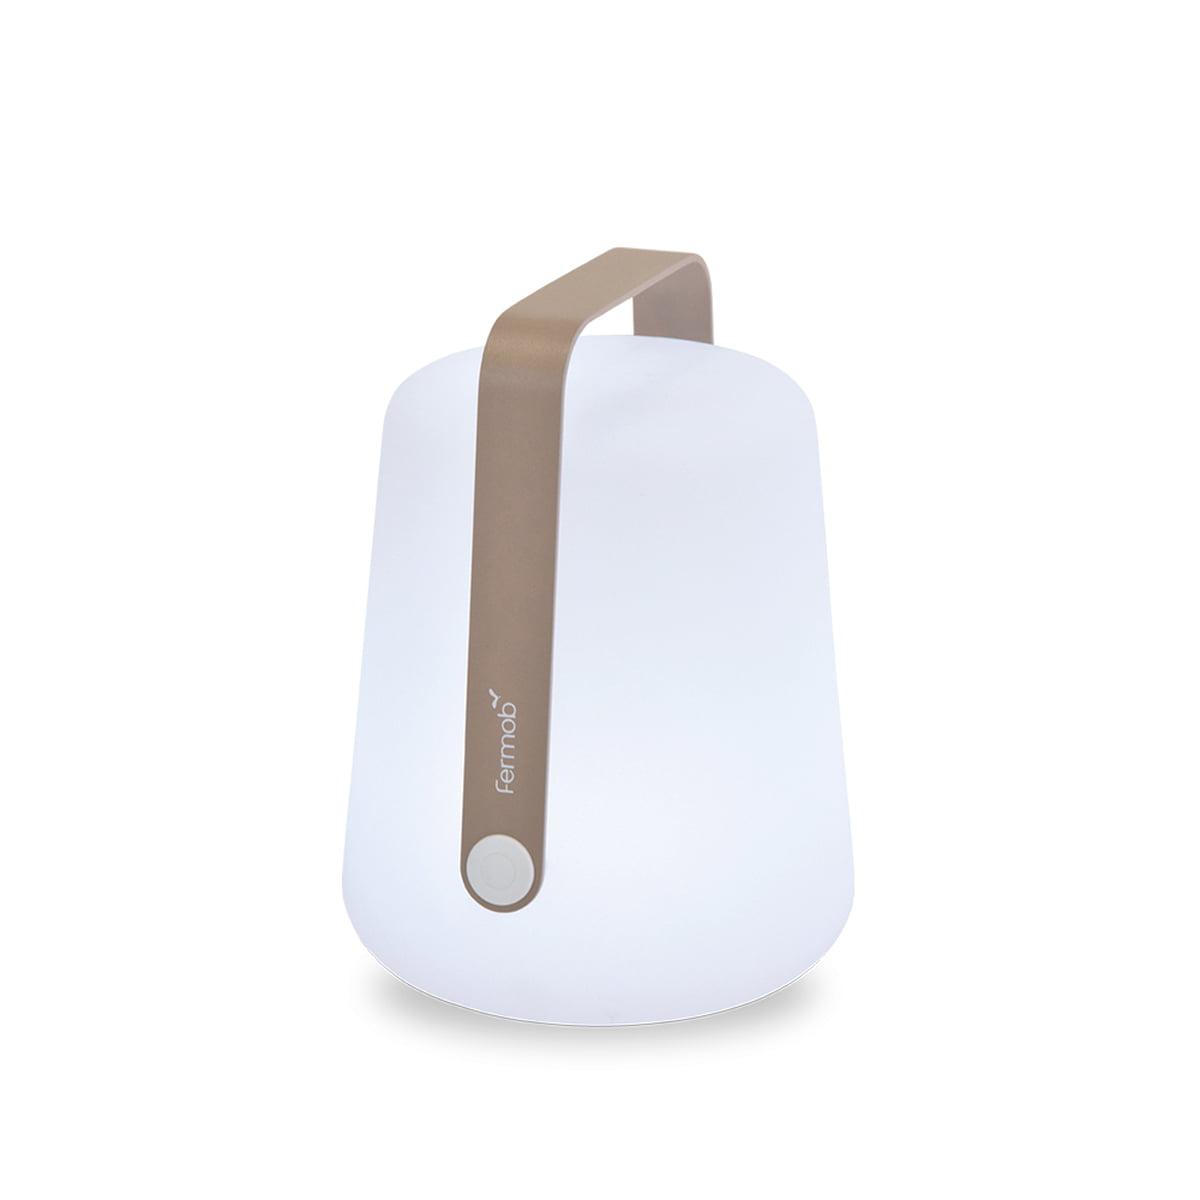 Fermob Balad H25 Outdoorlampe LED mit Akku